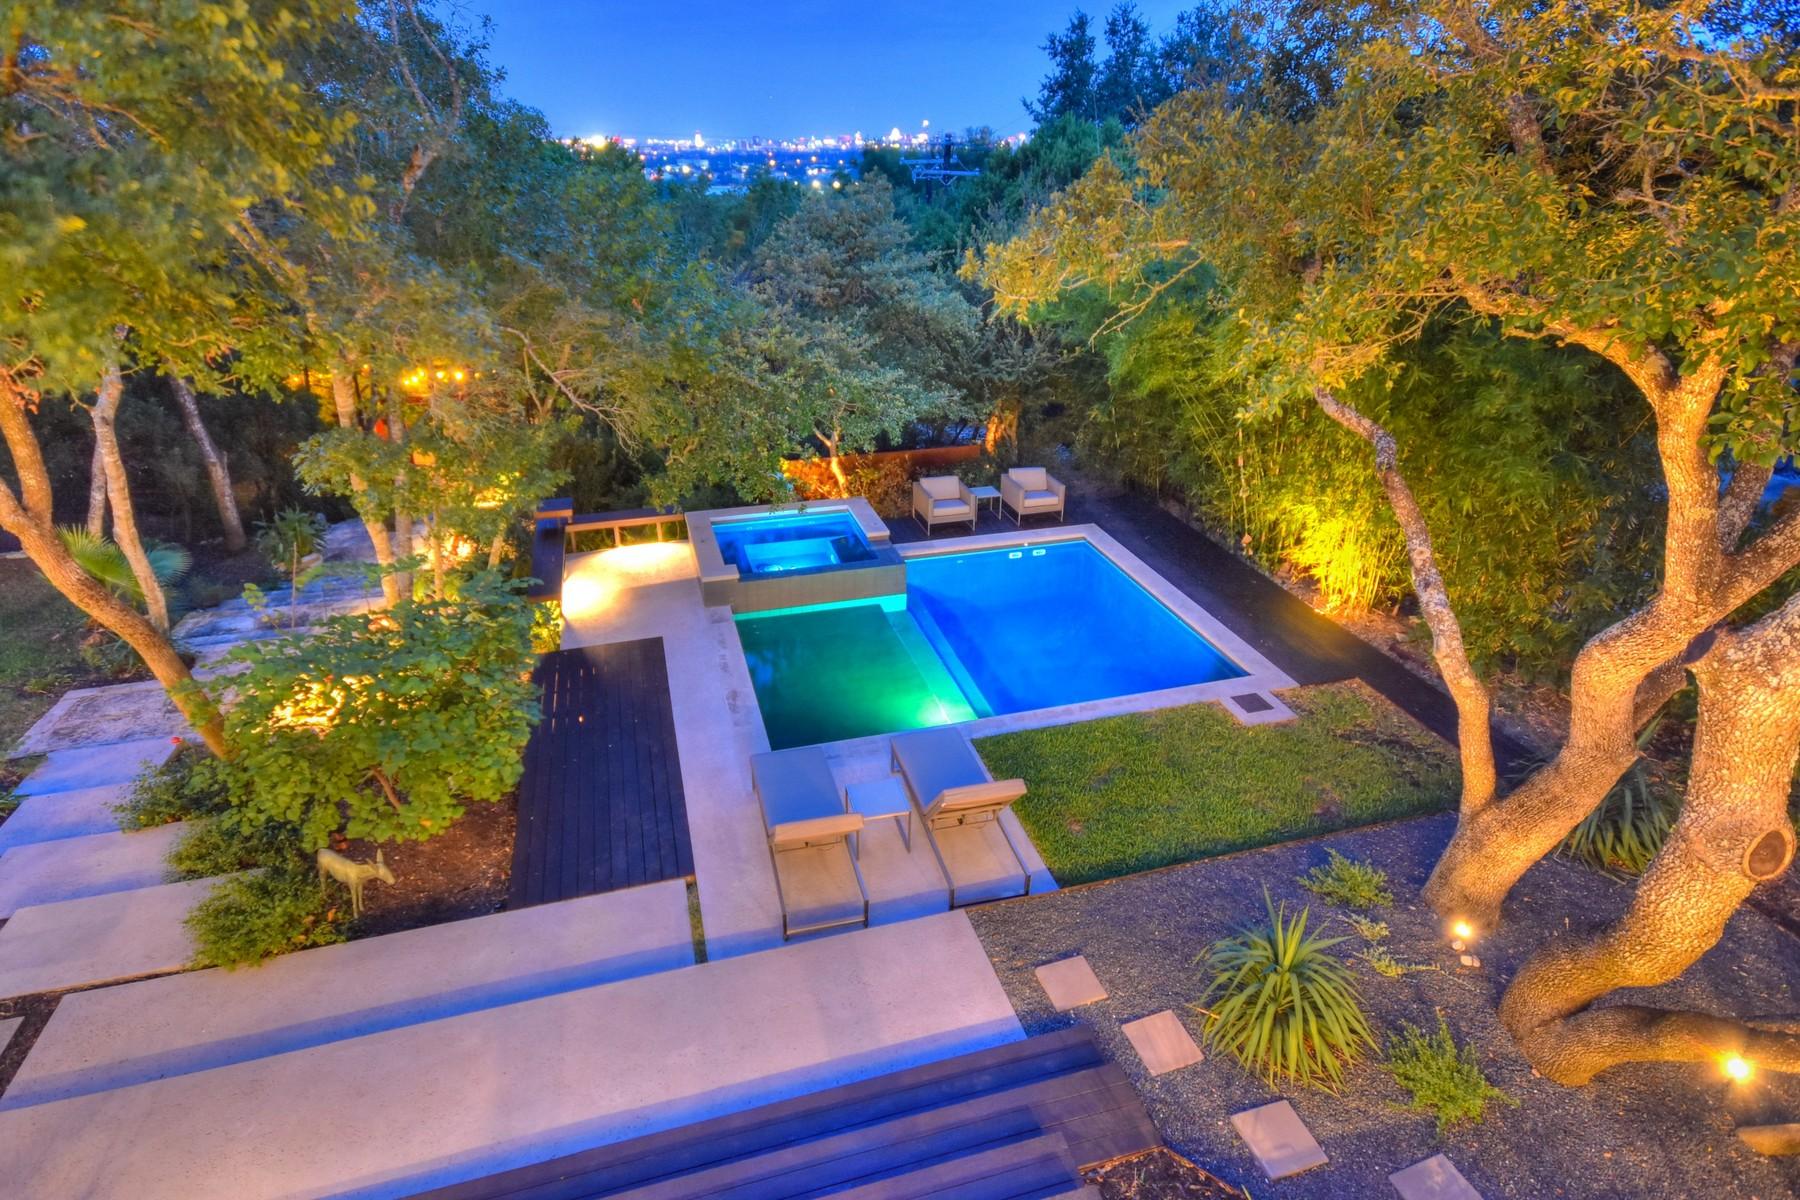 Частный односемейный дом для того Продажа на Fabulous Remodel in Highland Park West 4601 Ridge Oak Austin, Техас, 78731 Соединенные Штаты